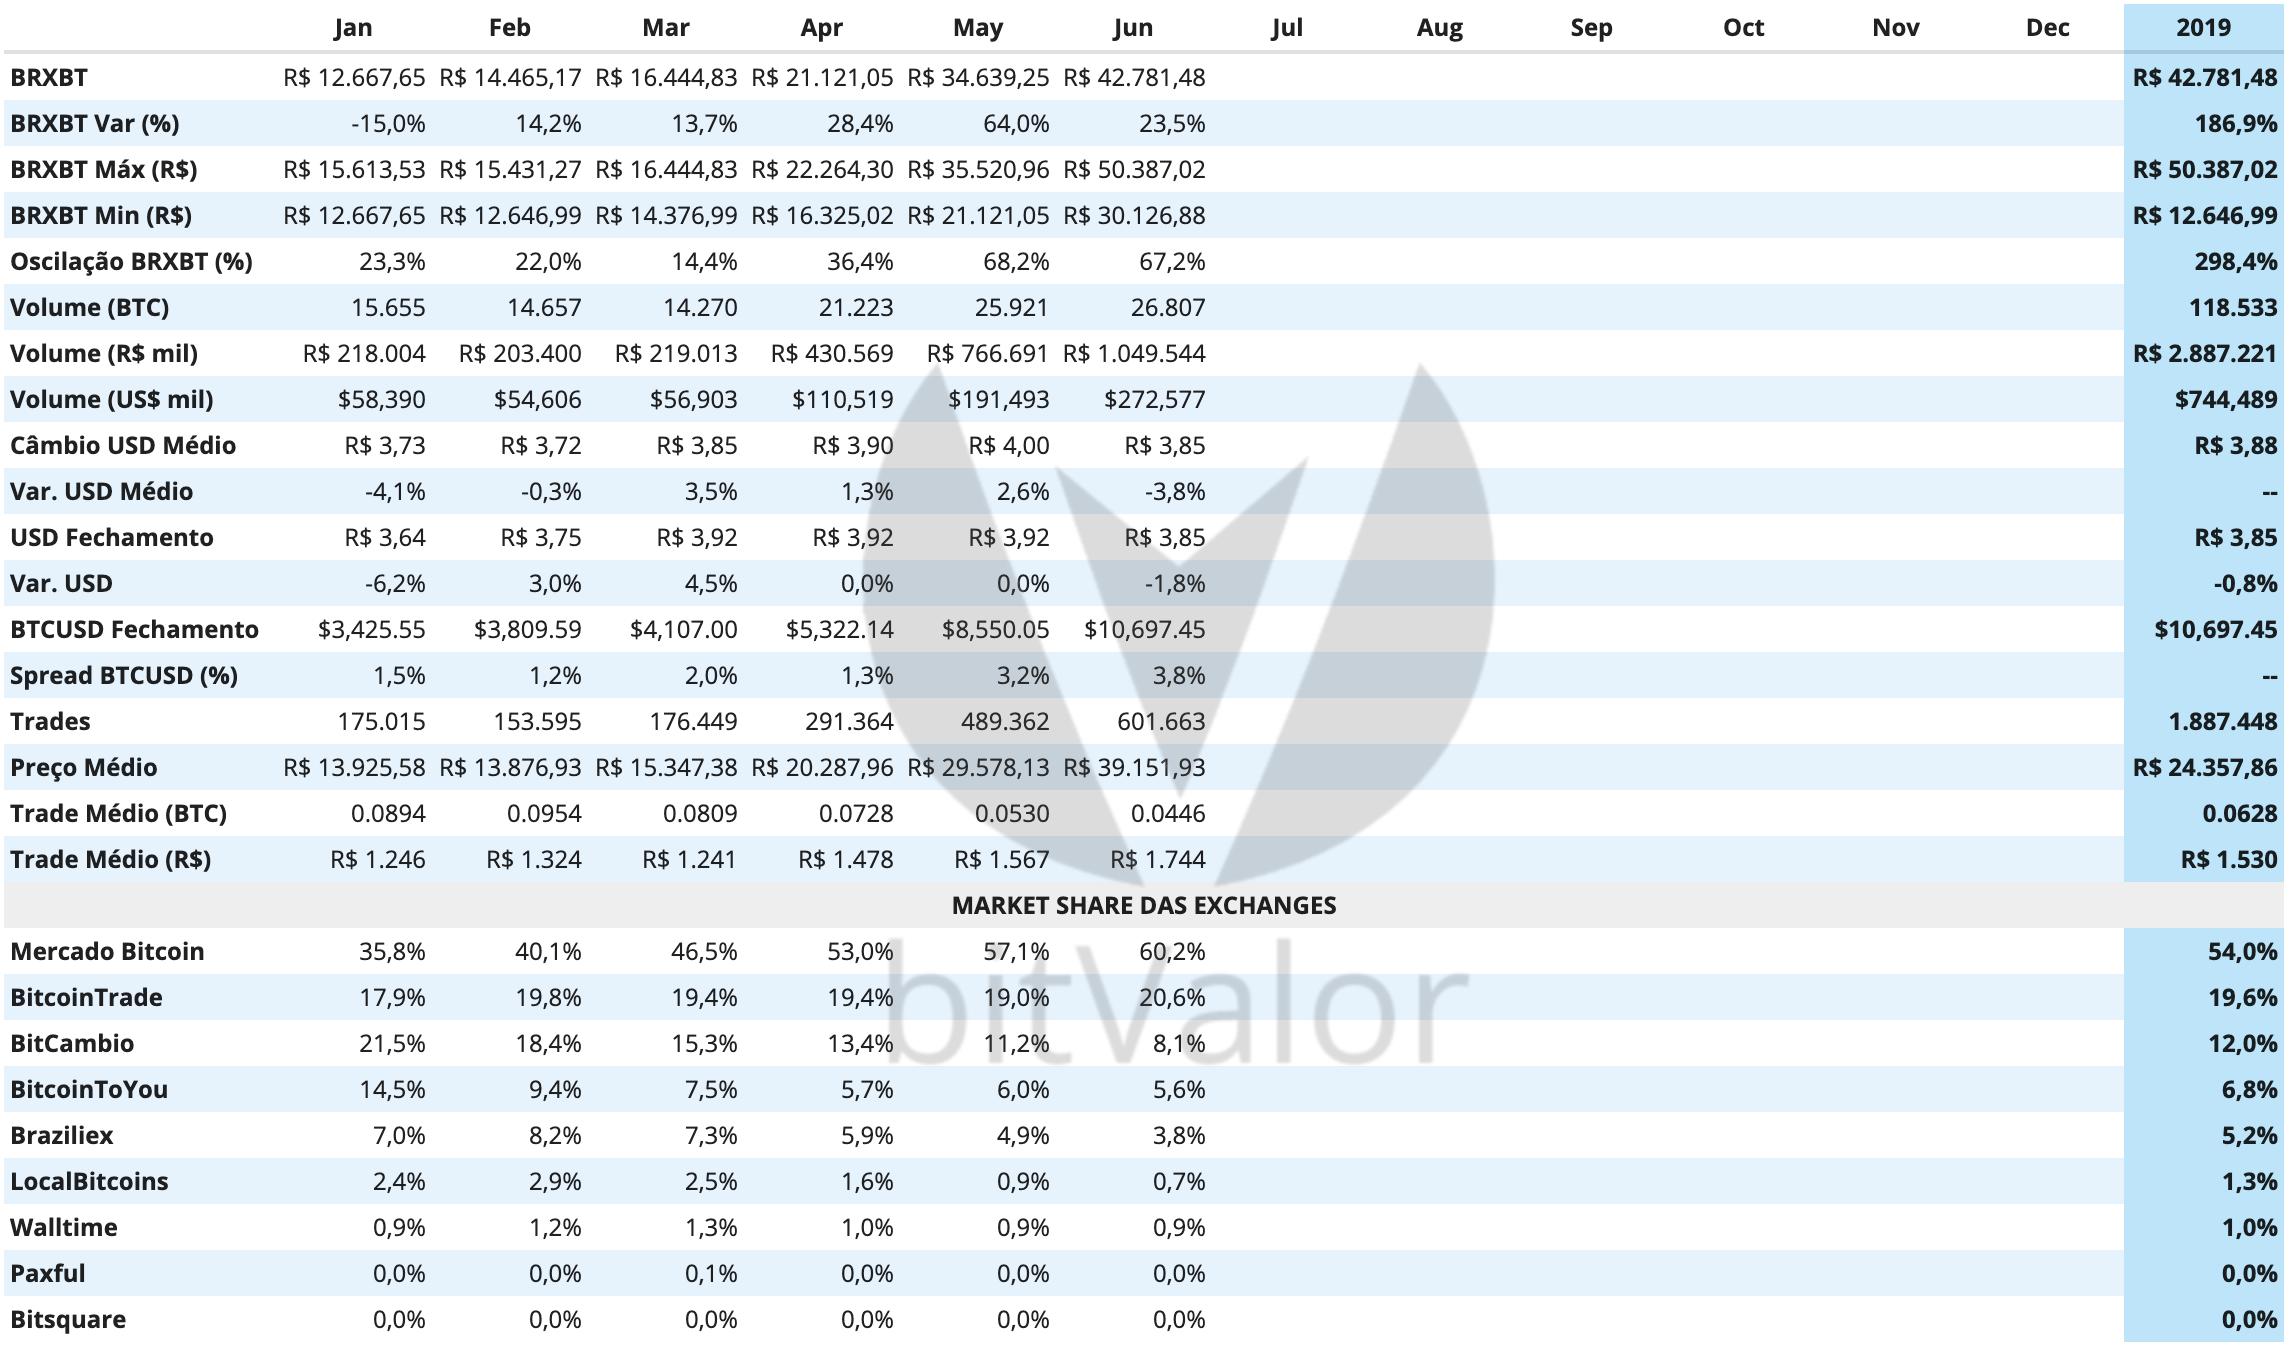 Historico Mercado Brasileiro de Bitcoins Junho 2019